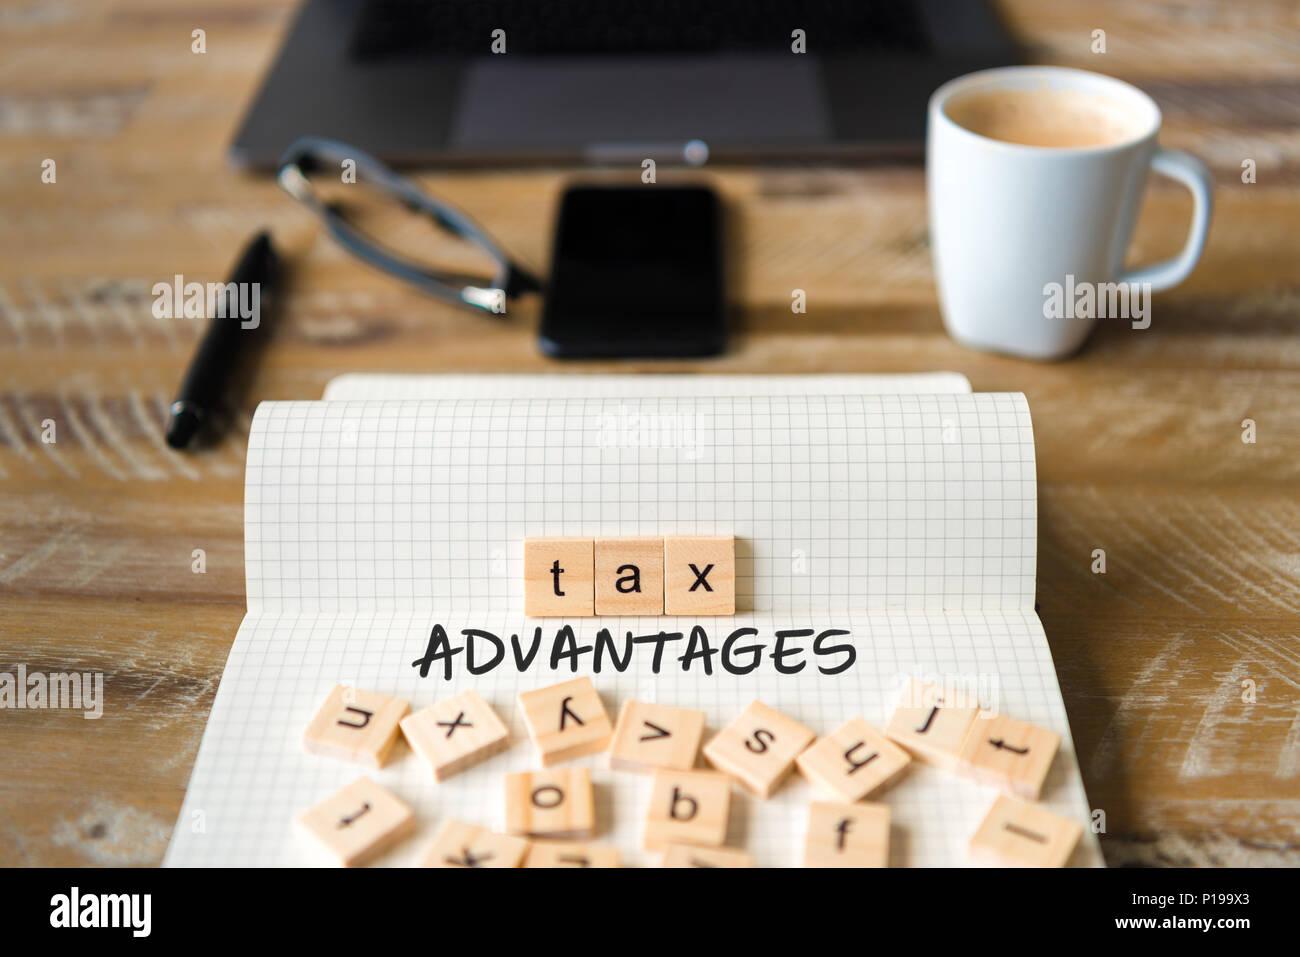 Sur Gros plan sur ordinateur portable vintage 24, surface/se concentrer sur des blocs en bois avec lettres formant des avantages fiscaux du texte. Photo Stock